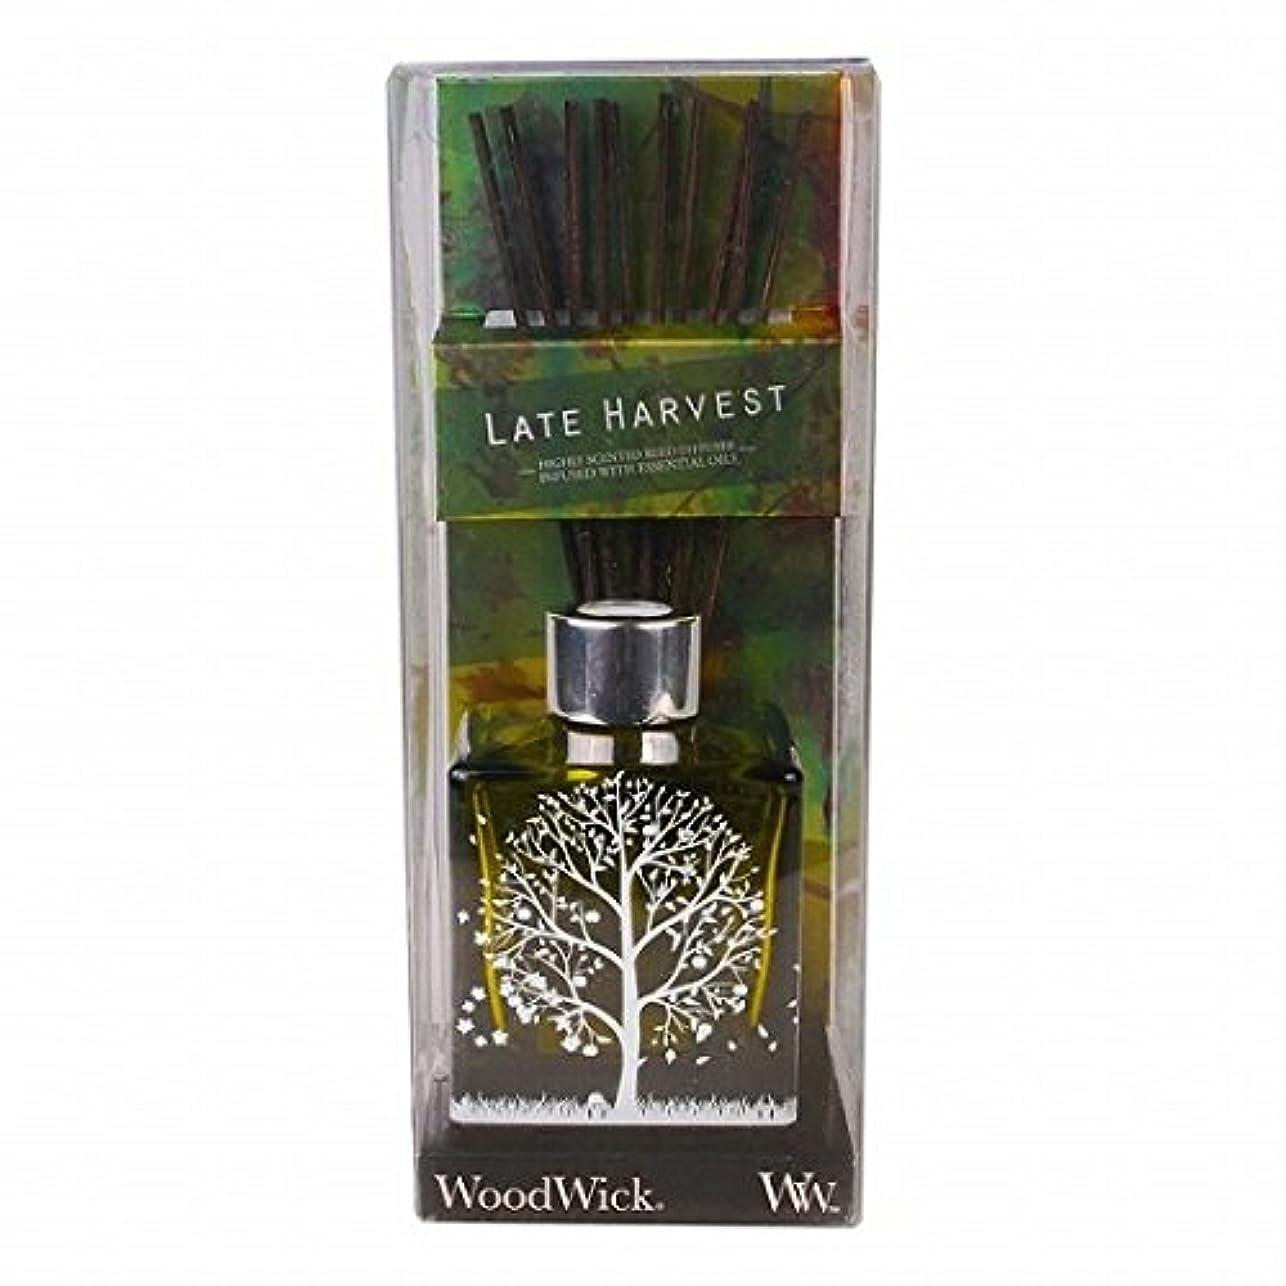 武装解除そこピザWoodWick(ウッドウィック) Wood Wickダンシンググラスリードディフューザー 「 レイトハーベスト 」 ディフューザー 68x68x105mm 香り:レイトハーベスト(W9540507)